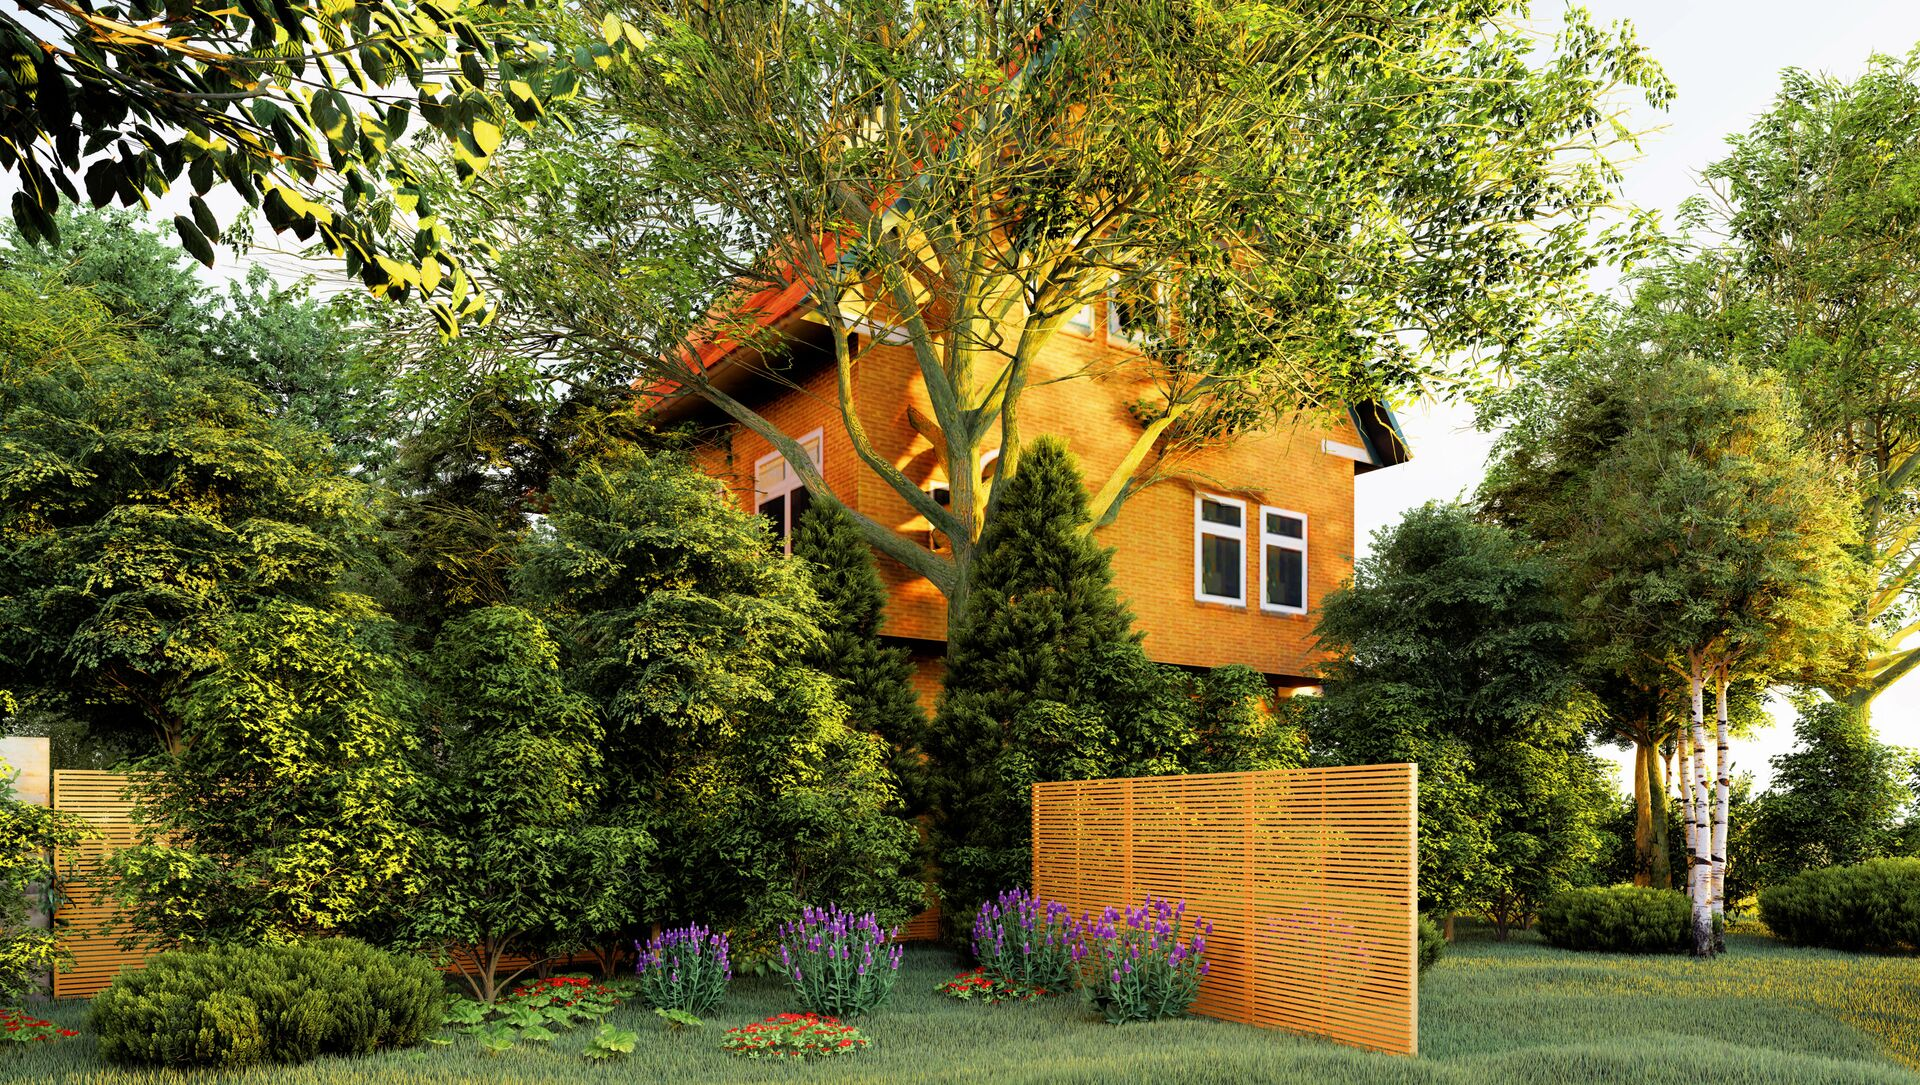 Casa privata con il giardino - Sputnik Italia, 1920, 28.03.2021